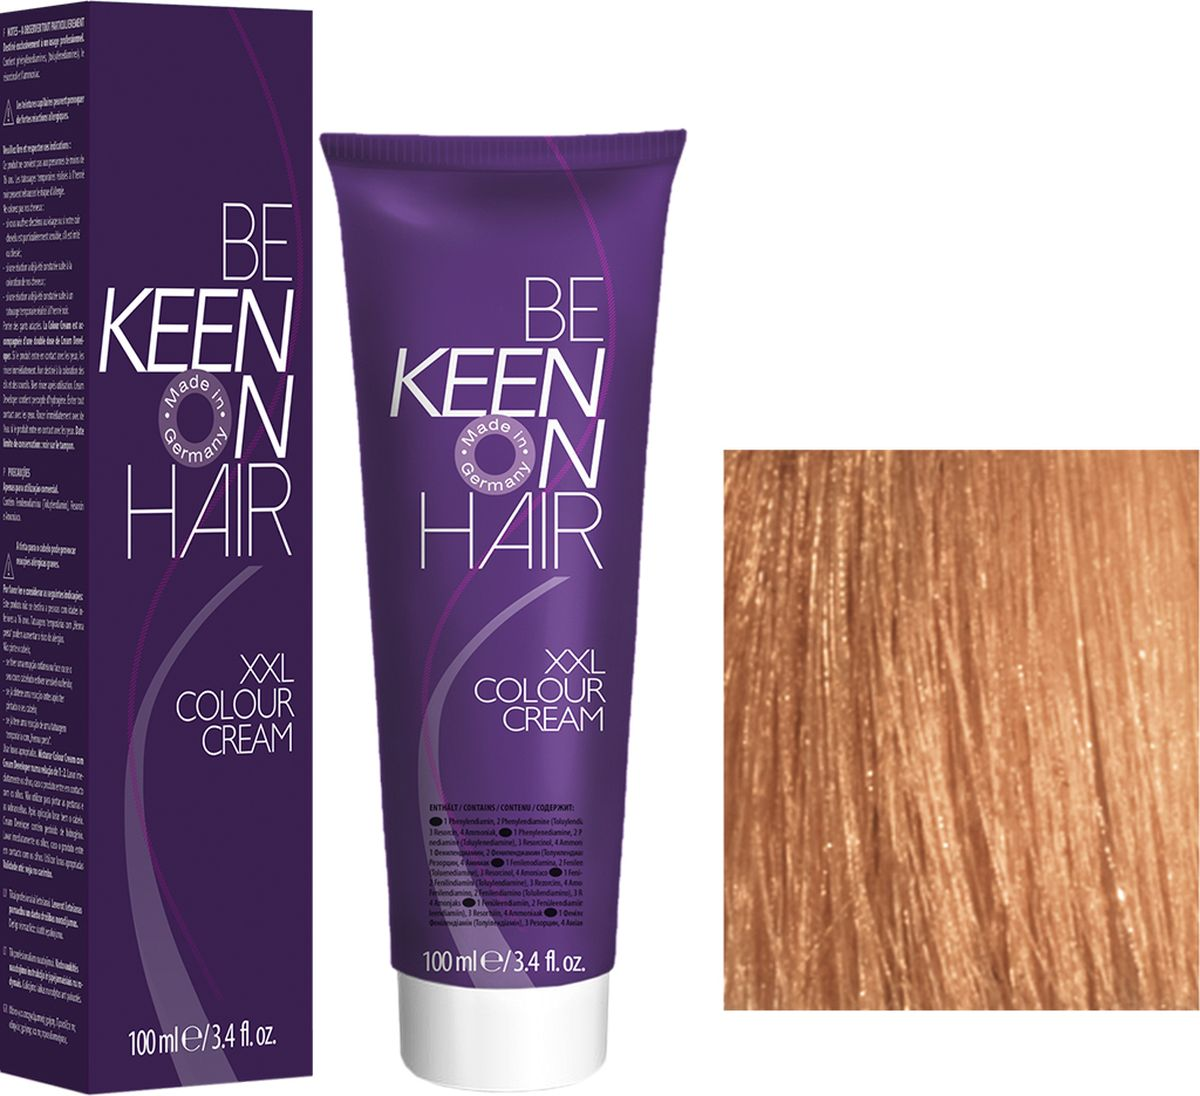 Keen Краска для волос 8.34 Золотисто-медный блондин Blond Gold-Kupfer, 100 мл69100074Модные оттенкиБолее 100 оттенков для креативной комбинации цветов.ЭкономичностьПри использовании тюбика 100 мл вы получаете оптимальное соотношение цены и качества!УходМолочный белок поддерживает структуру волоса во время окрашивания и придает волосам блеск и шелковистость. Протеины хорошо встраиваются в волосы и снабжают их влагой.